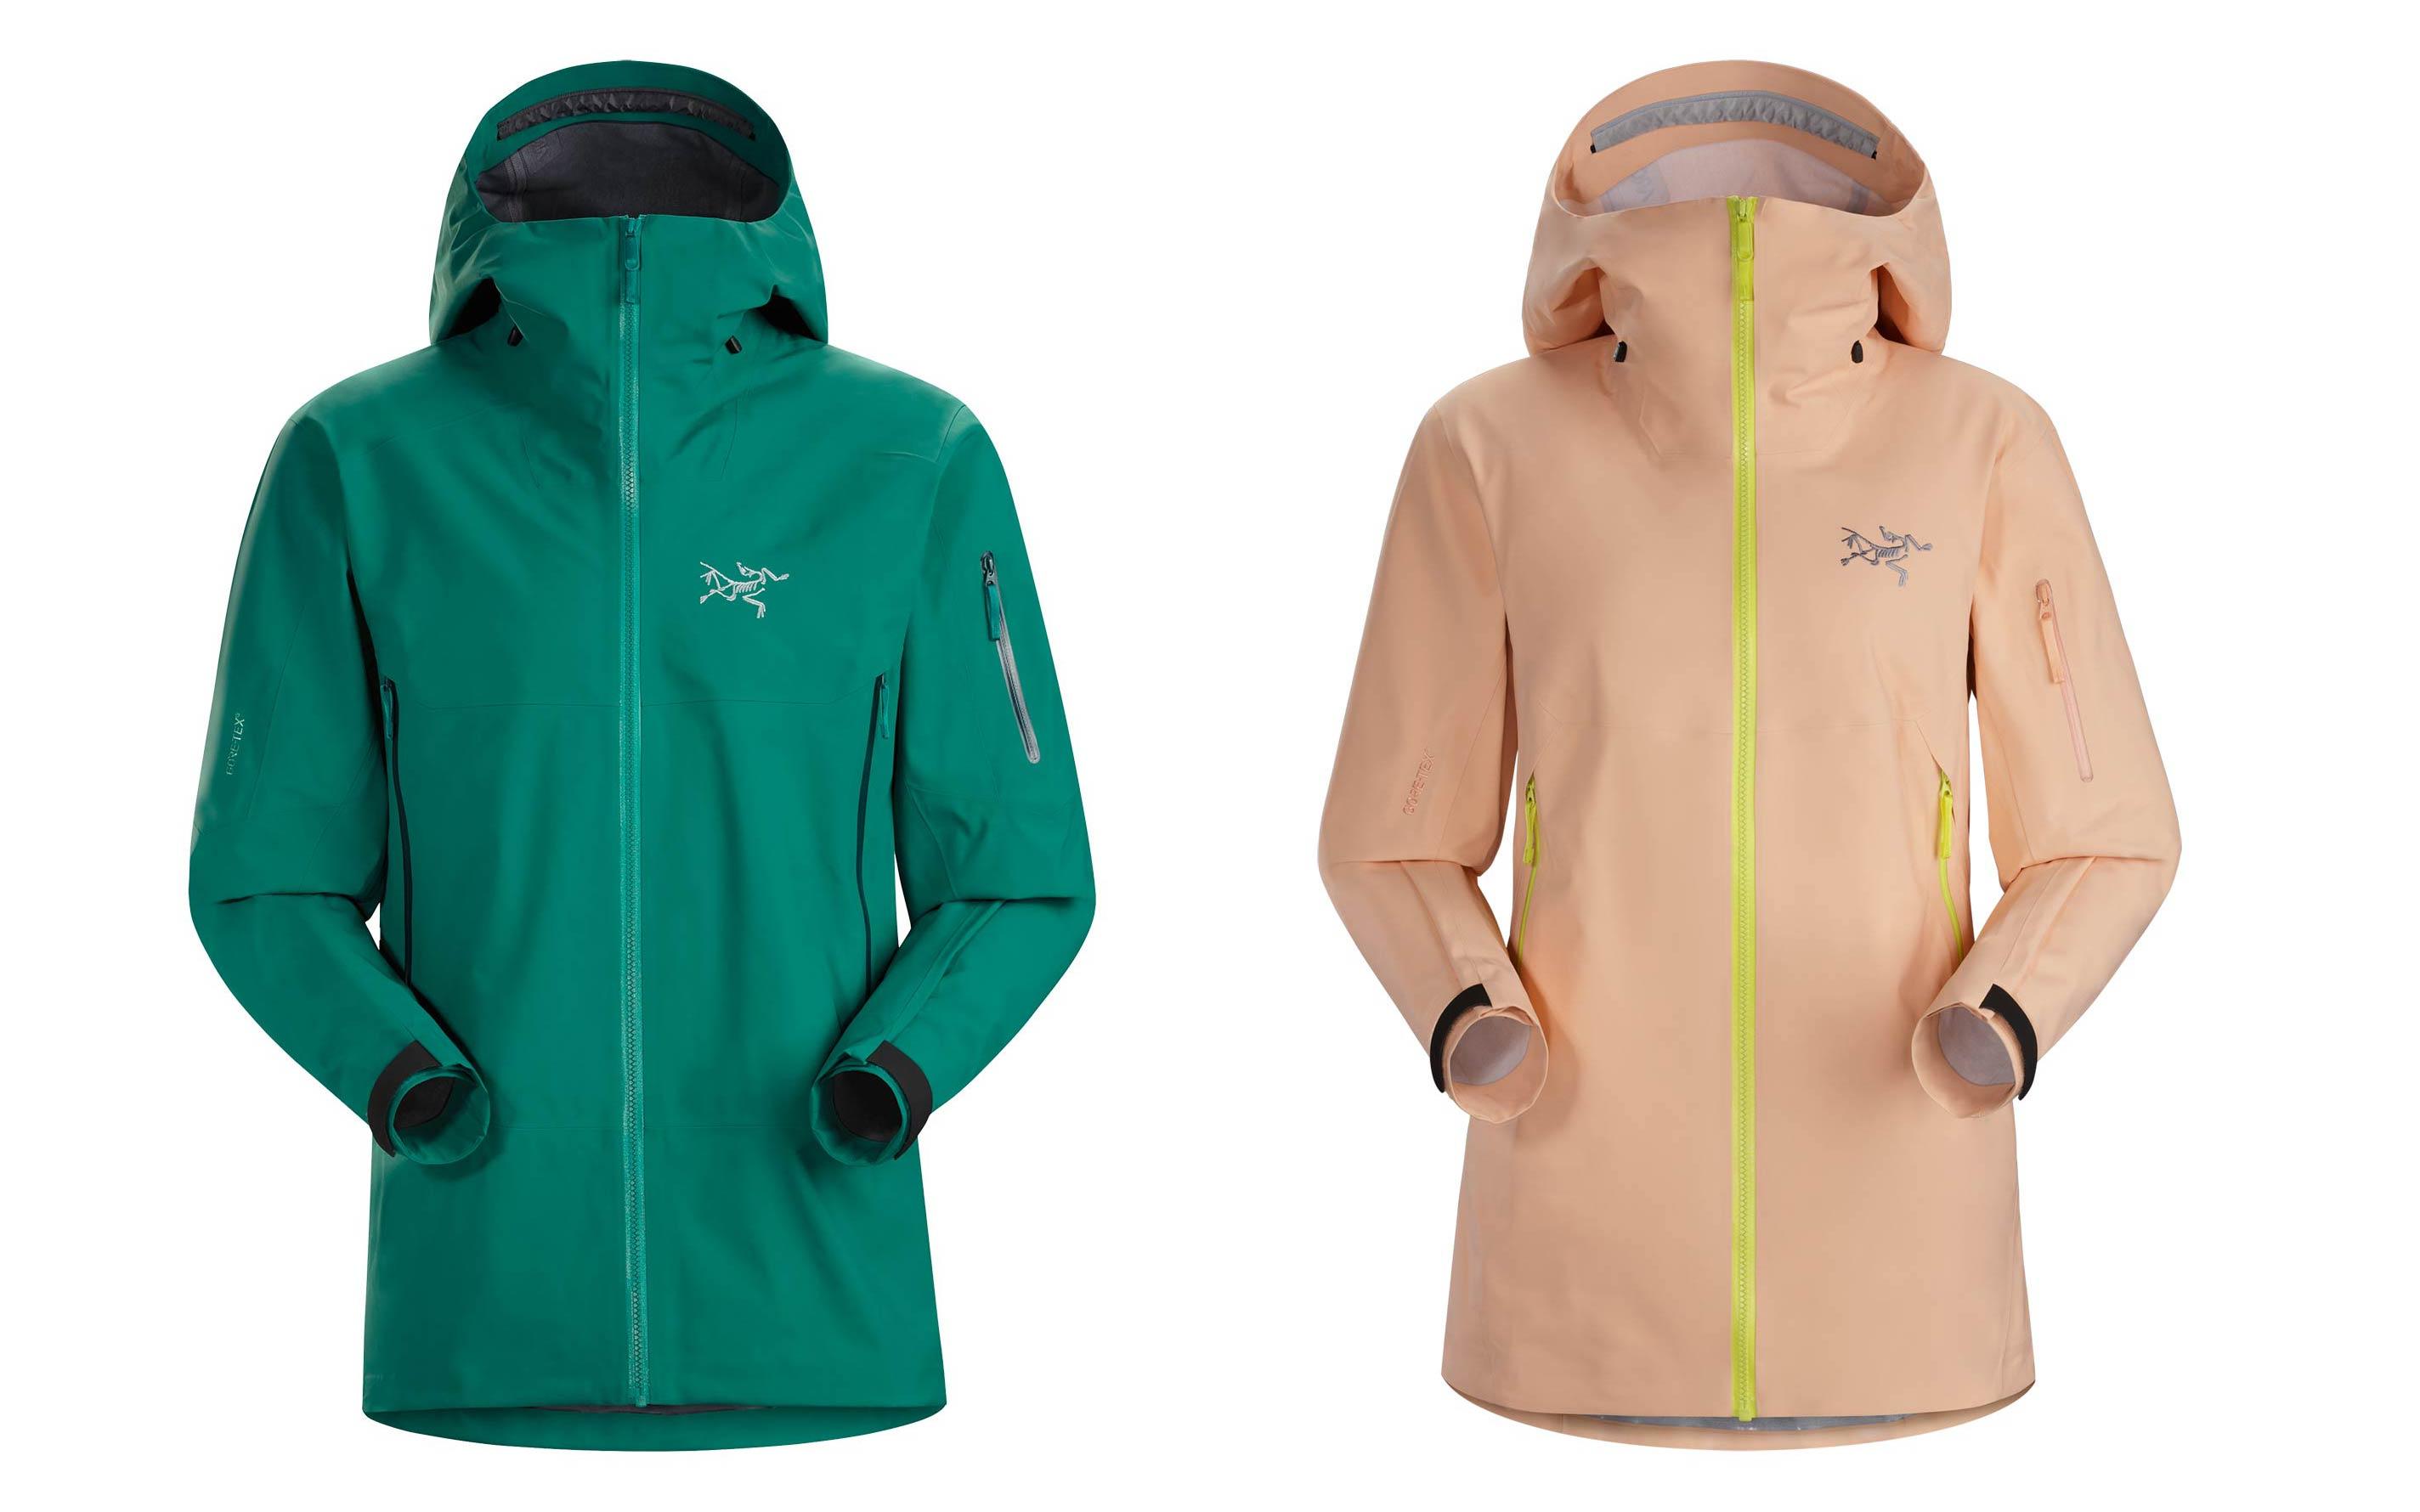 Arc'teryx Sabre AR Jacke für Männer (links) & Sentinel AR Jacke für Frauen (rechts)